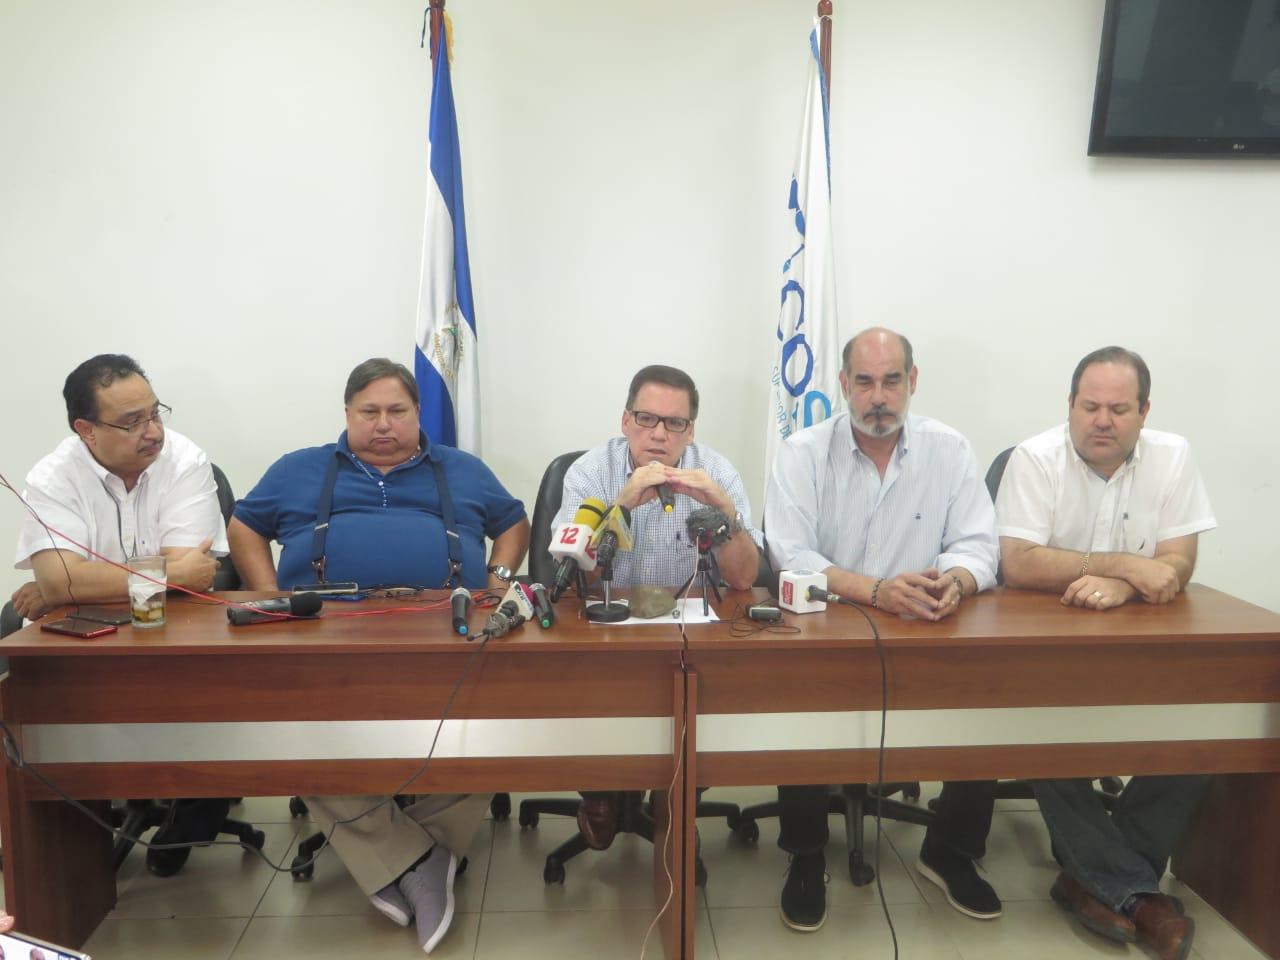 Empresarios denuncian intento de asesinato por parte de simpatizantes orteguistas. Foto: Noel Miranda/Artículo 66